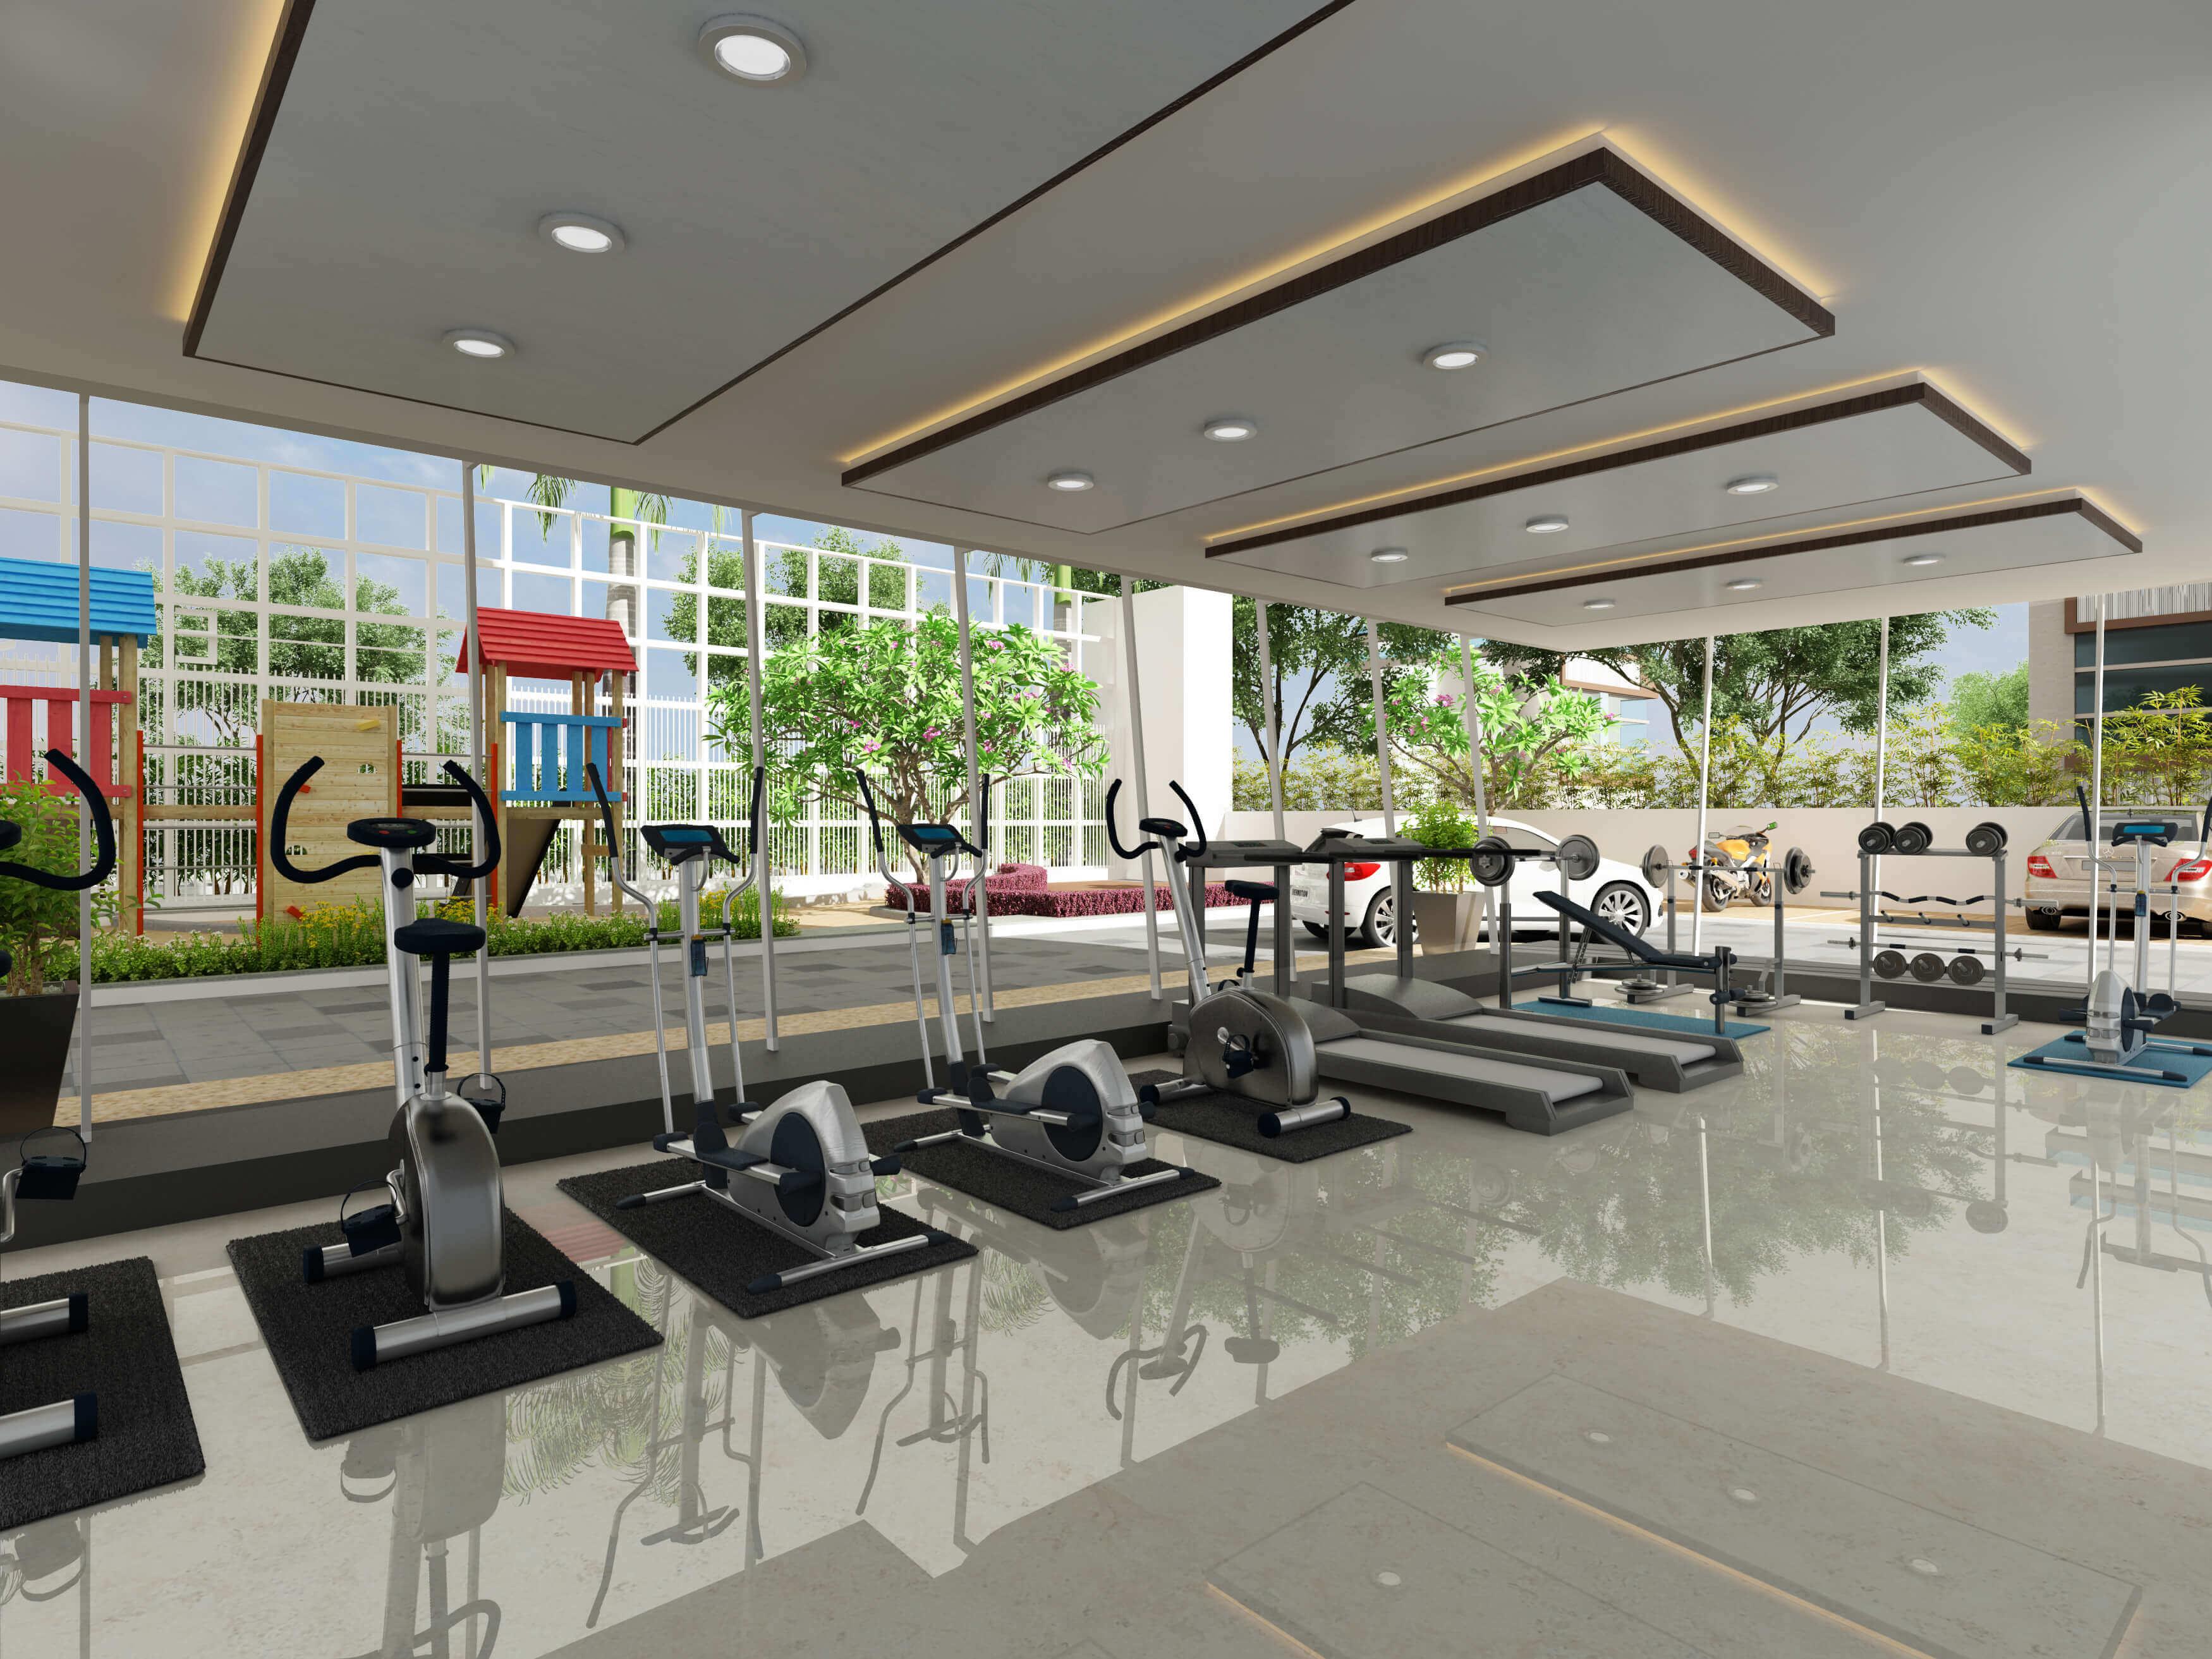 3d Gym Interior Design